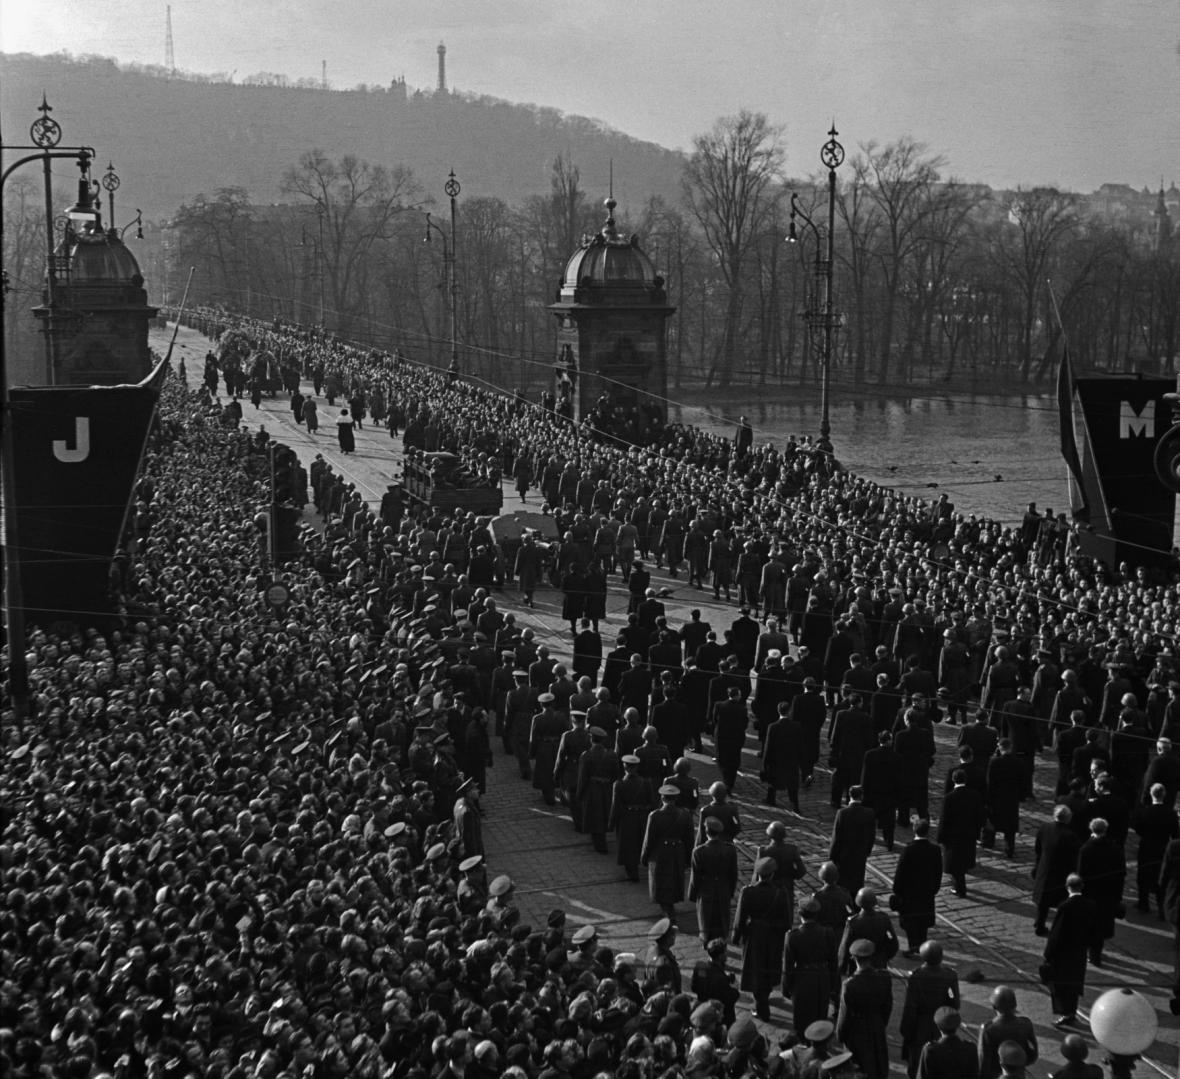 Pohřeb ministra zahraničních věcí Jana Masaryka 13. března 1948. Smuteční průvod na mostě Legií